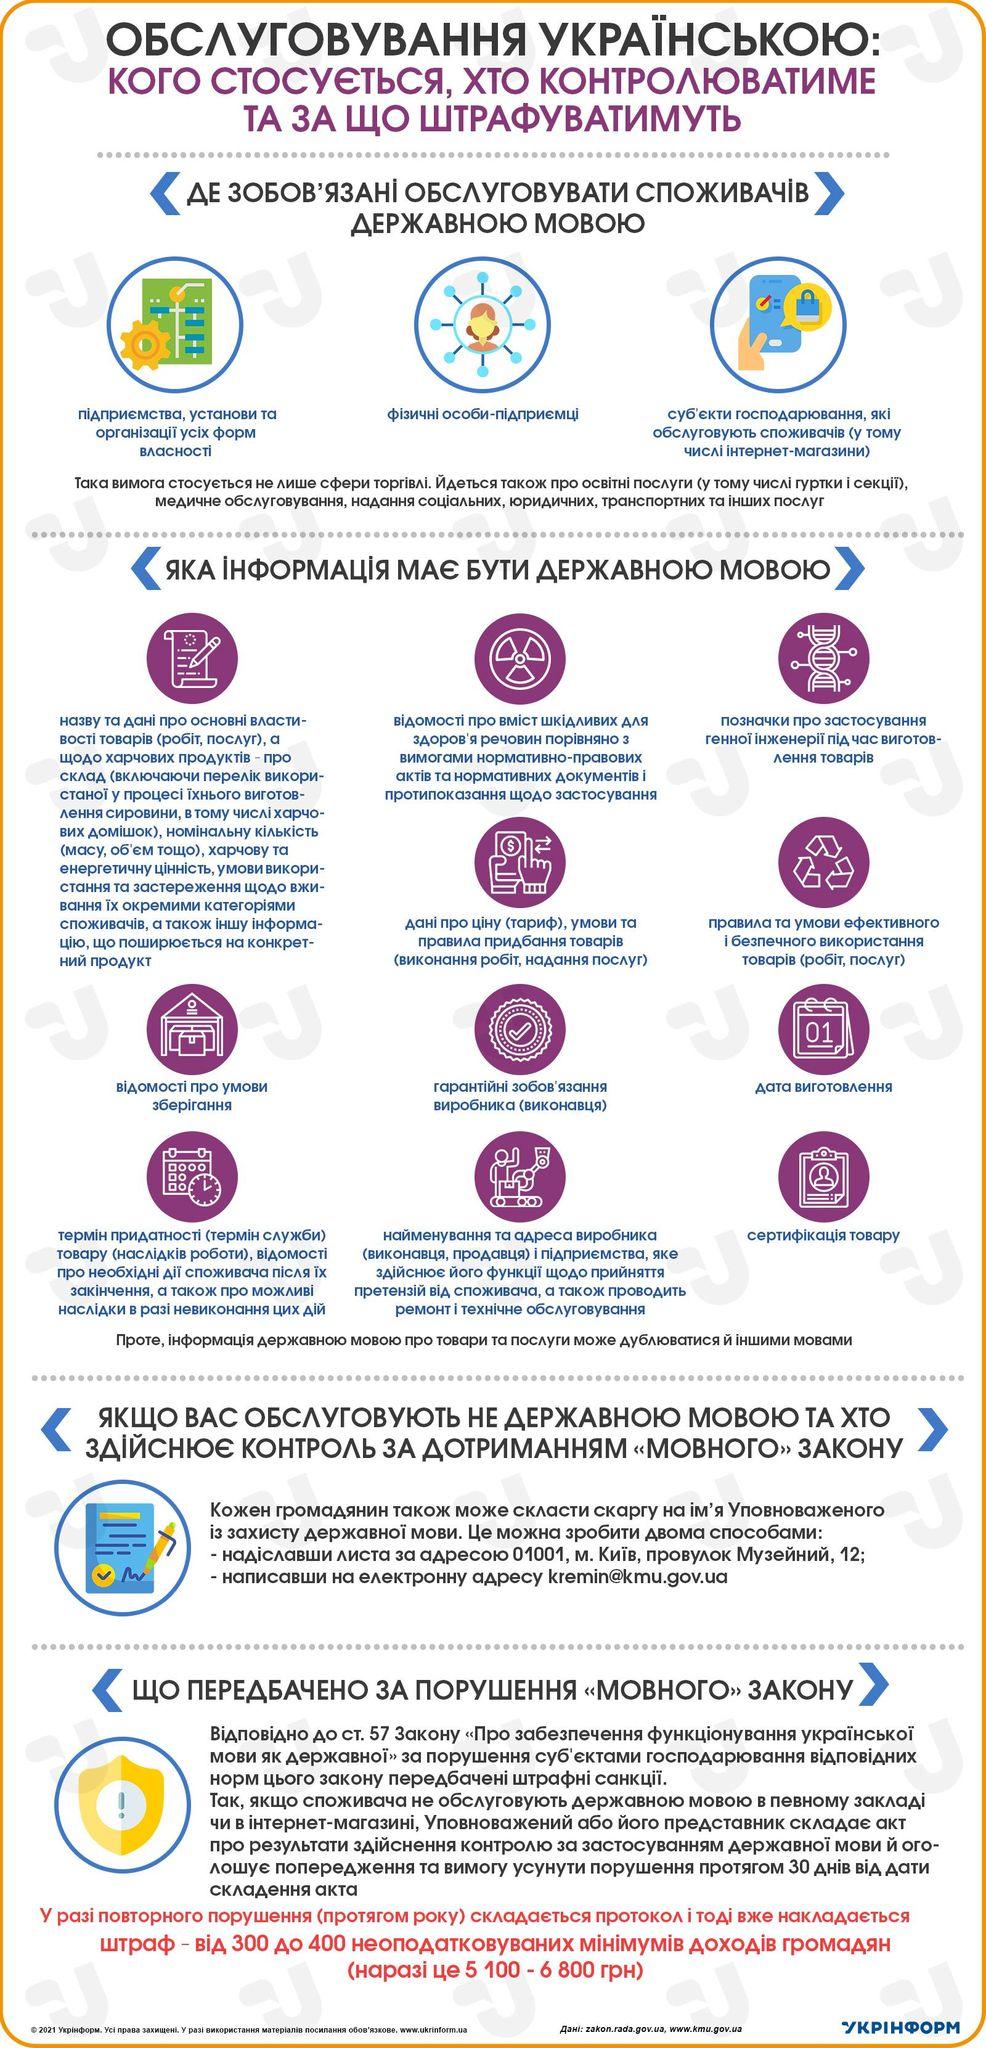 Обслуговування українською: кого стосується, хто контролюватиме та за що штрафуватимуть. Інфографіка